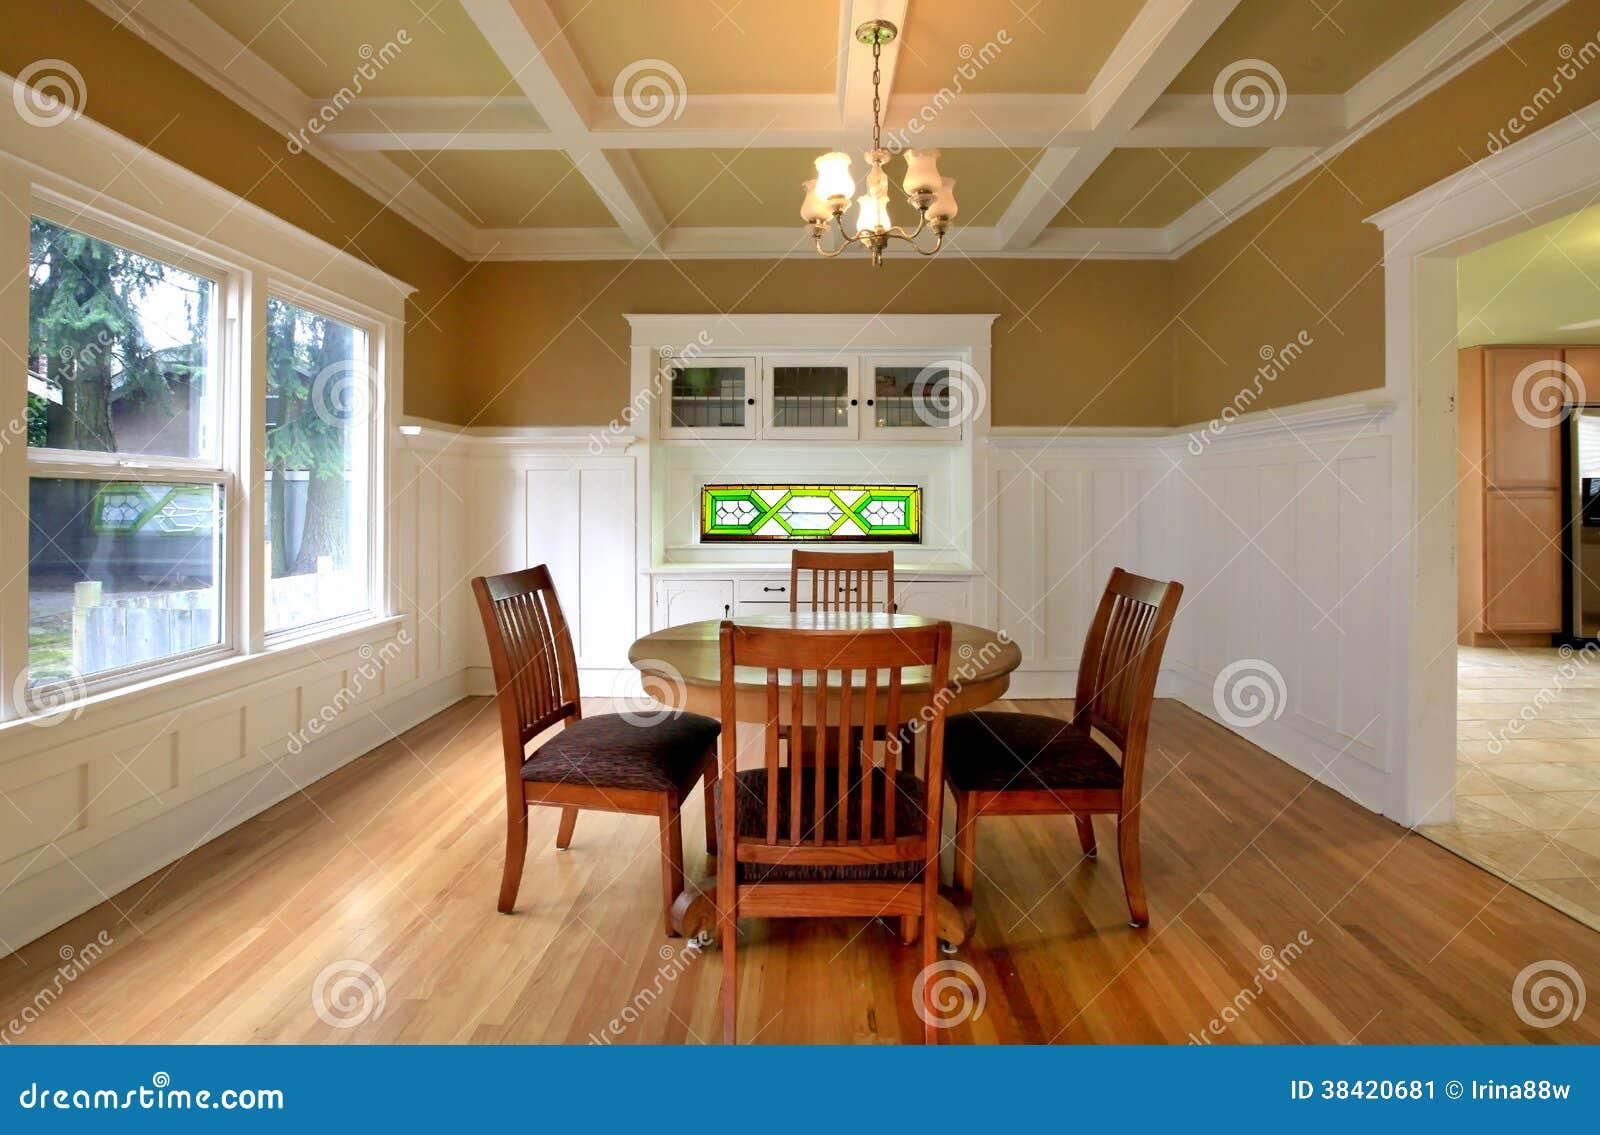 Matsal i ett gammalt hus fotografering för bildbyråer   bild: 38420681